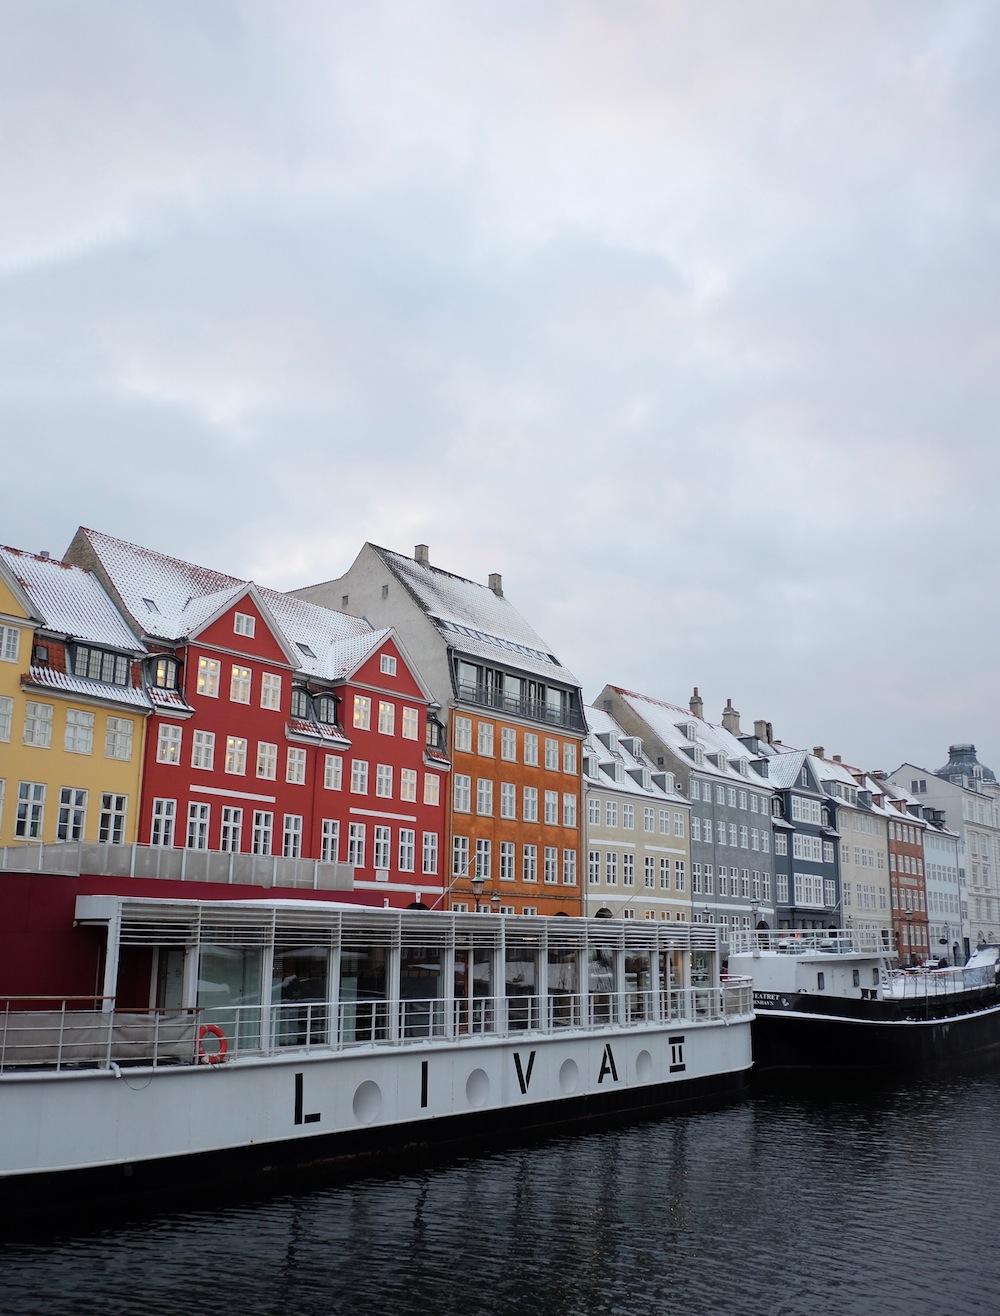 48 hours in copenhagen - rainbow buildings along nyhan